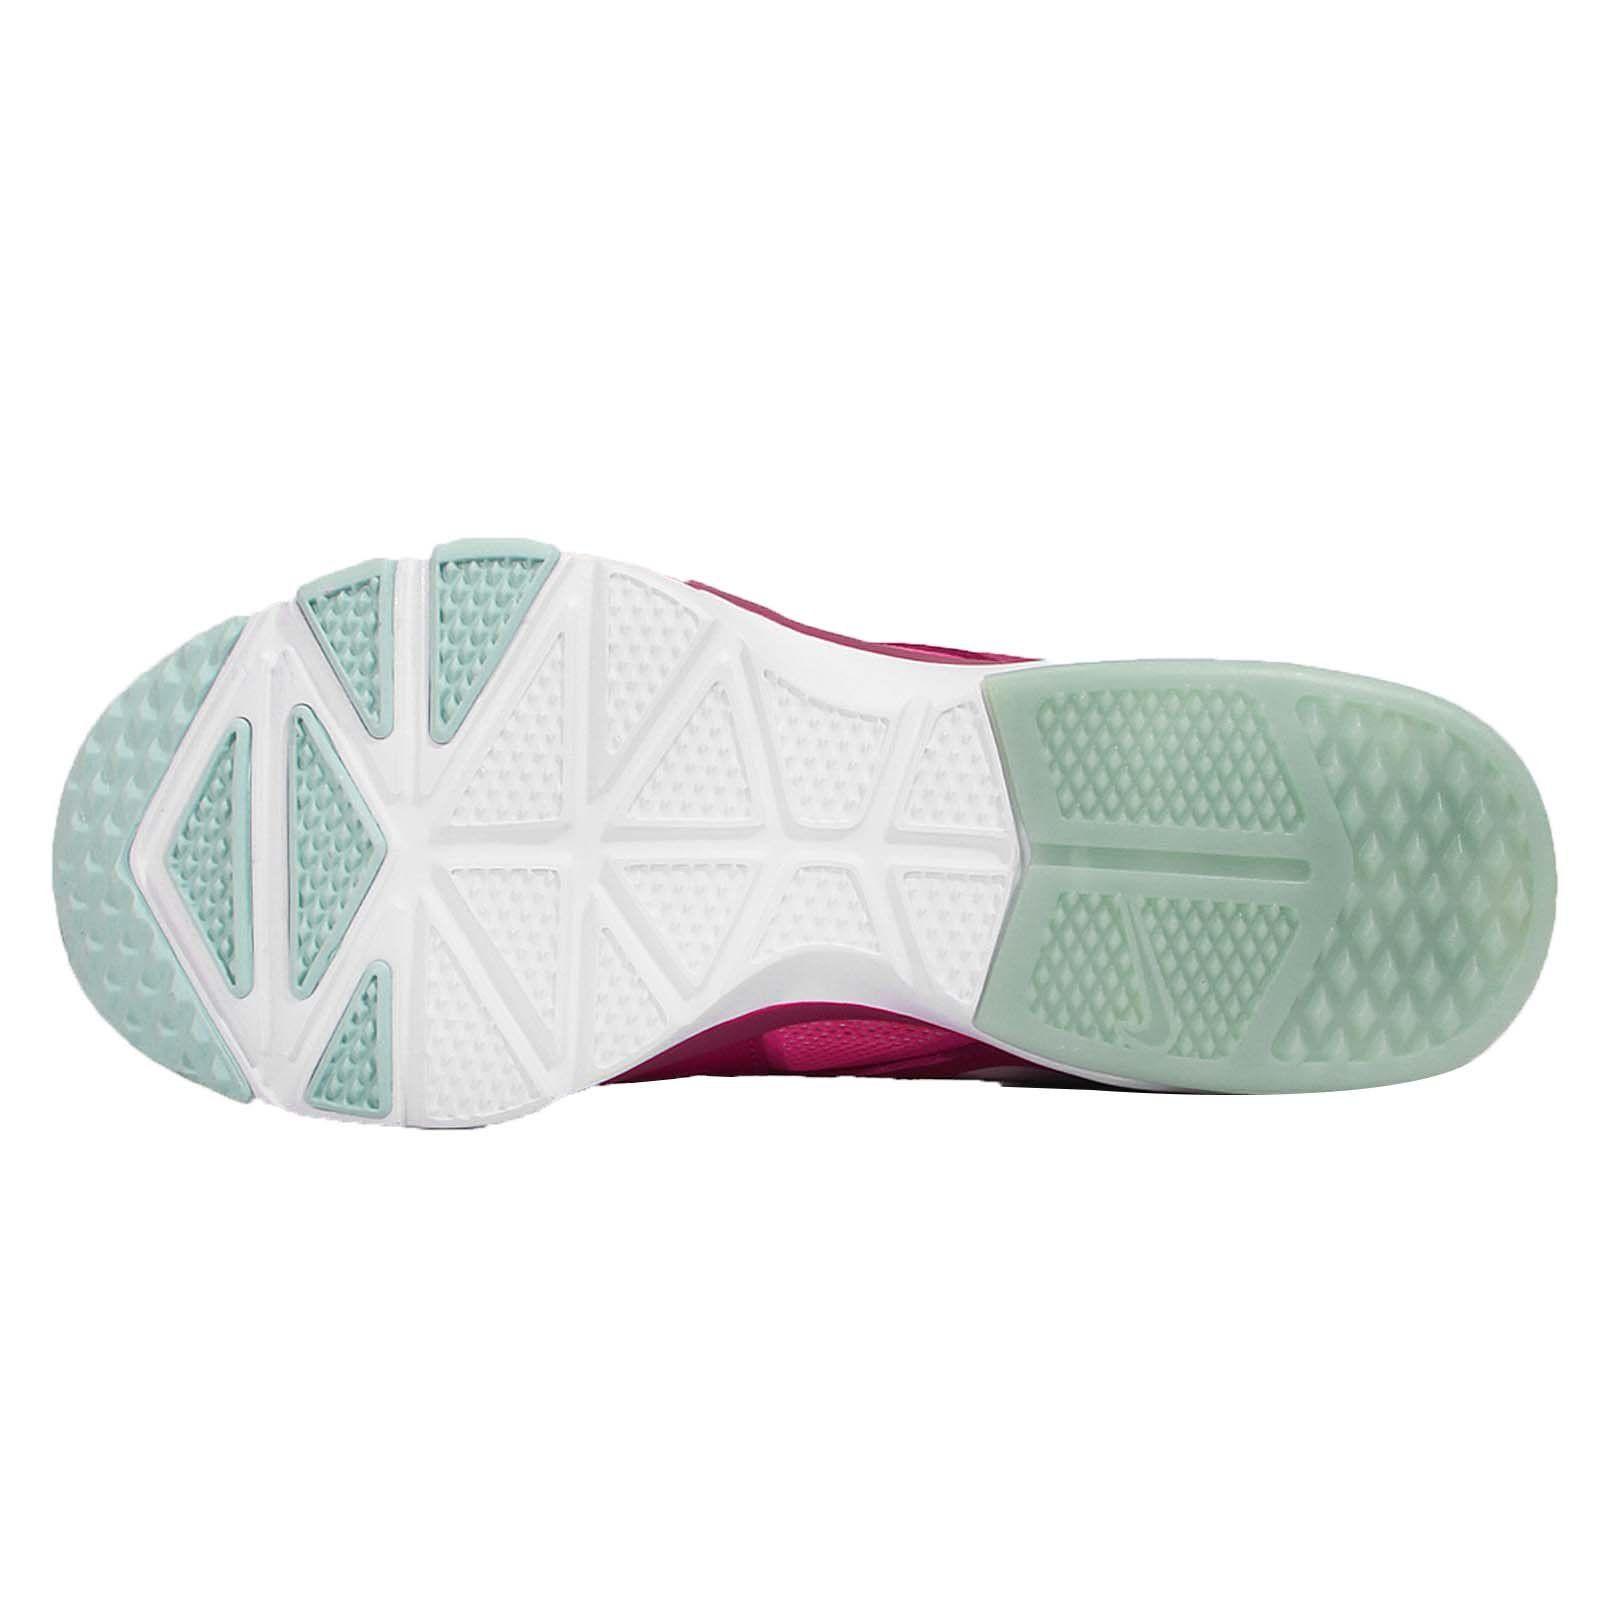 Nike Air Sculpt Tr 2 Ladies Shoes  1bba5ec6d